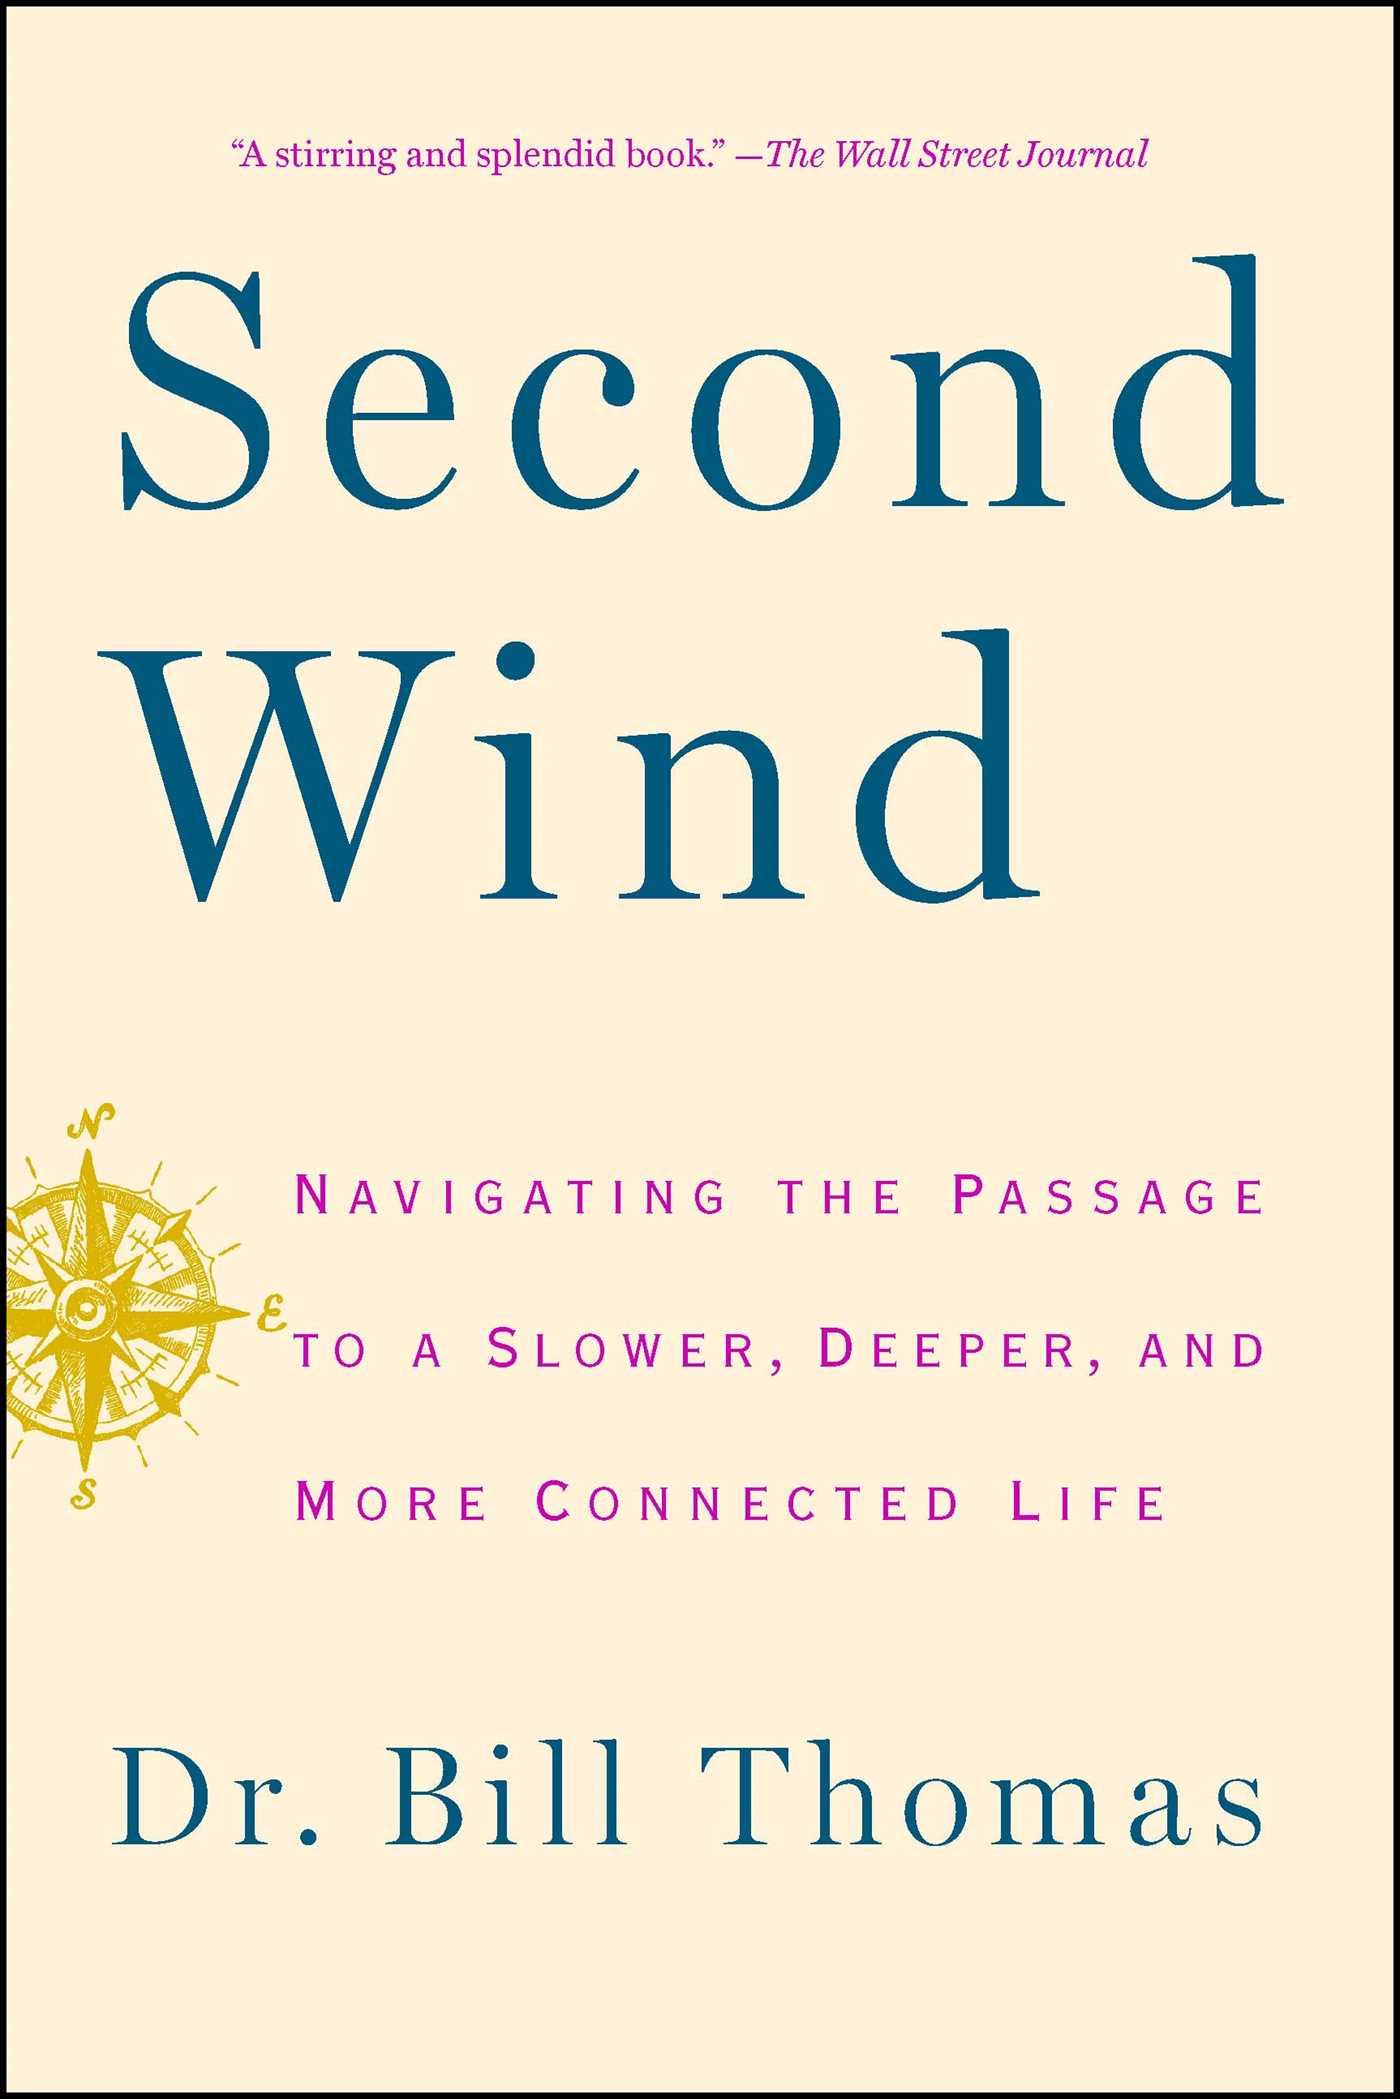 Second wind 9781451667578 hr